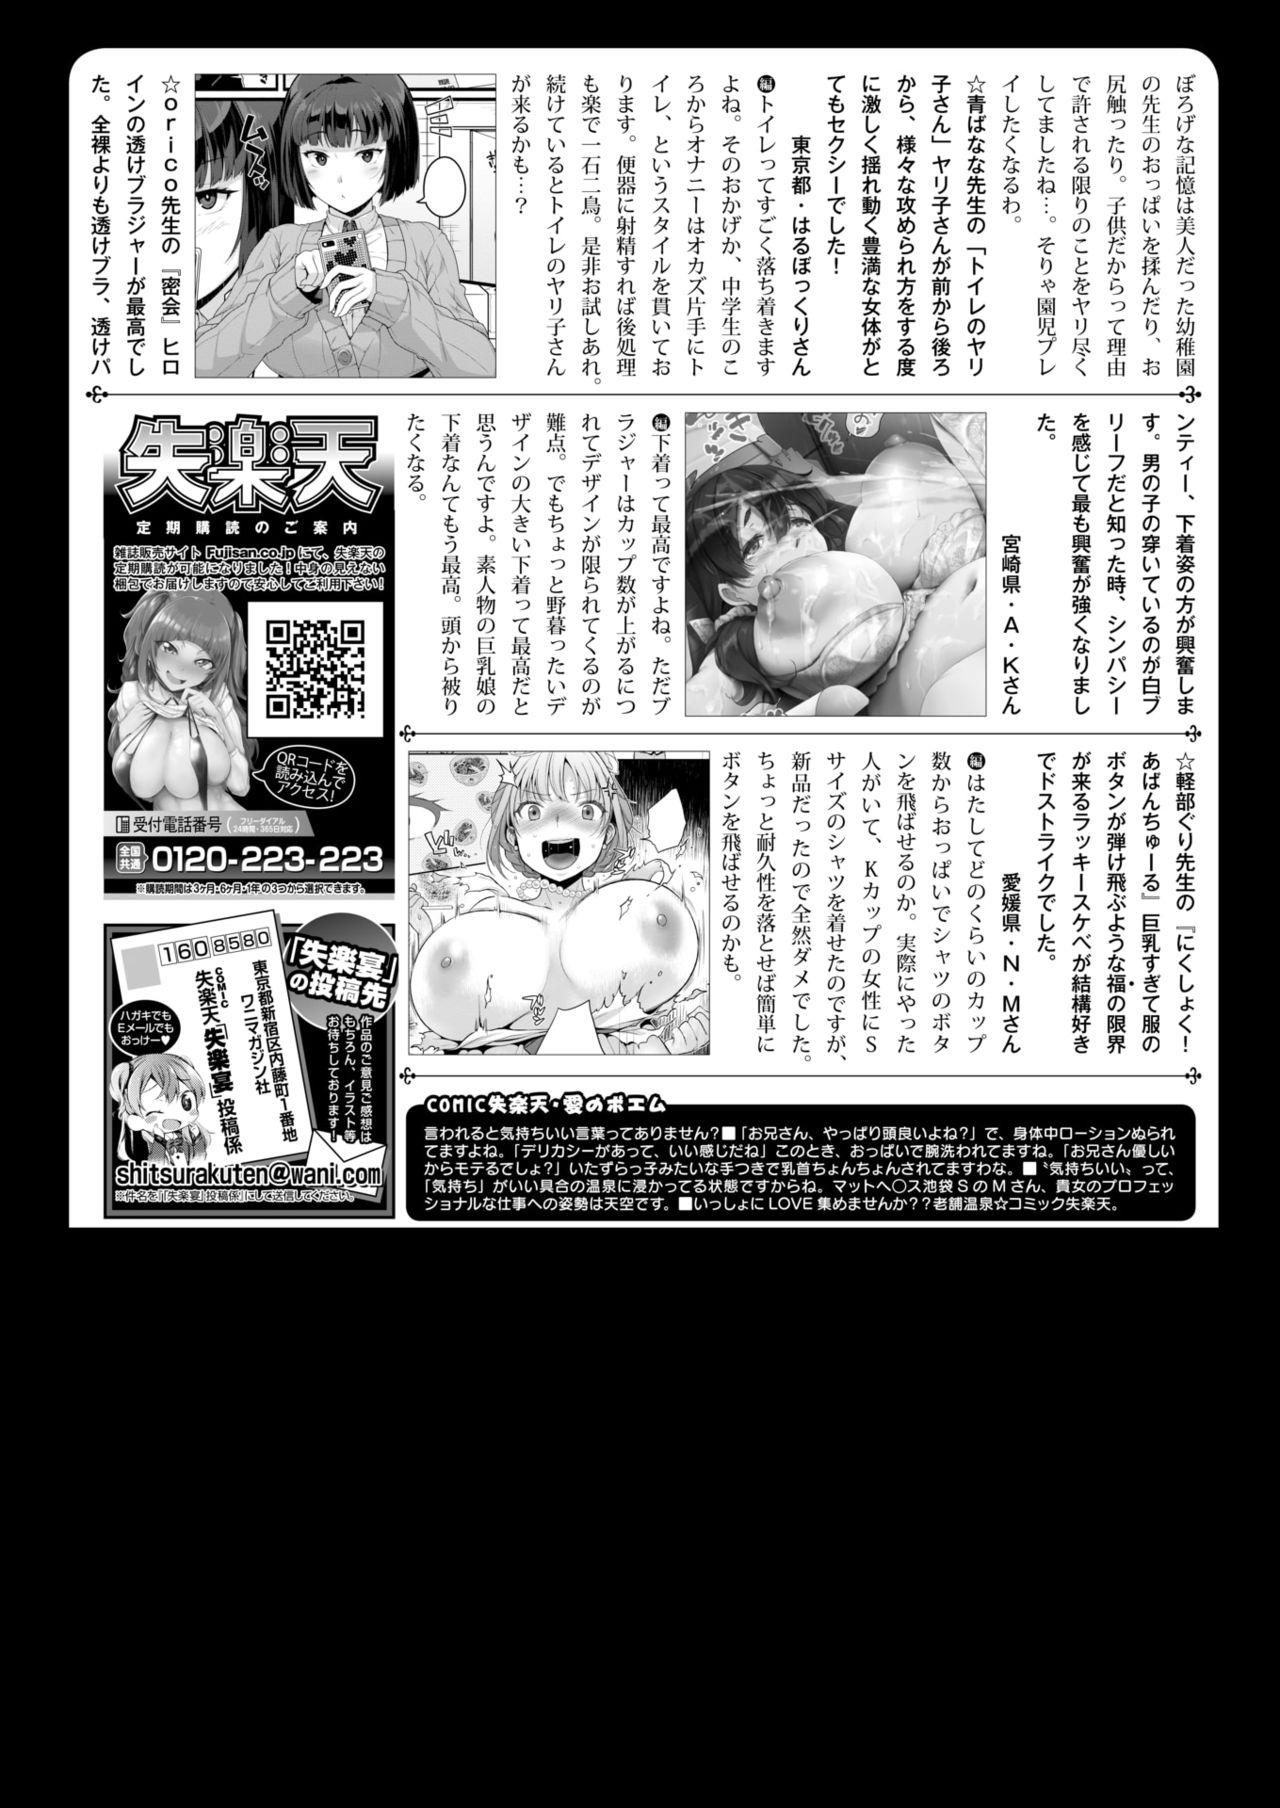 COMIC Shitsurakuten 2018-02 294